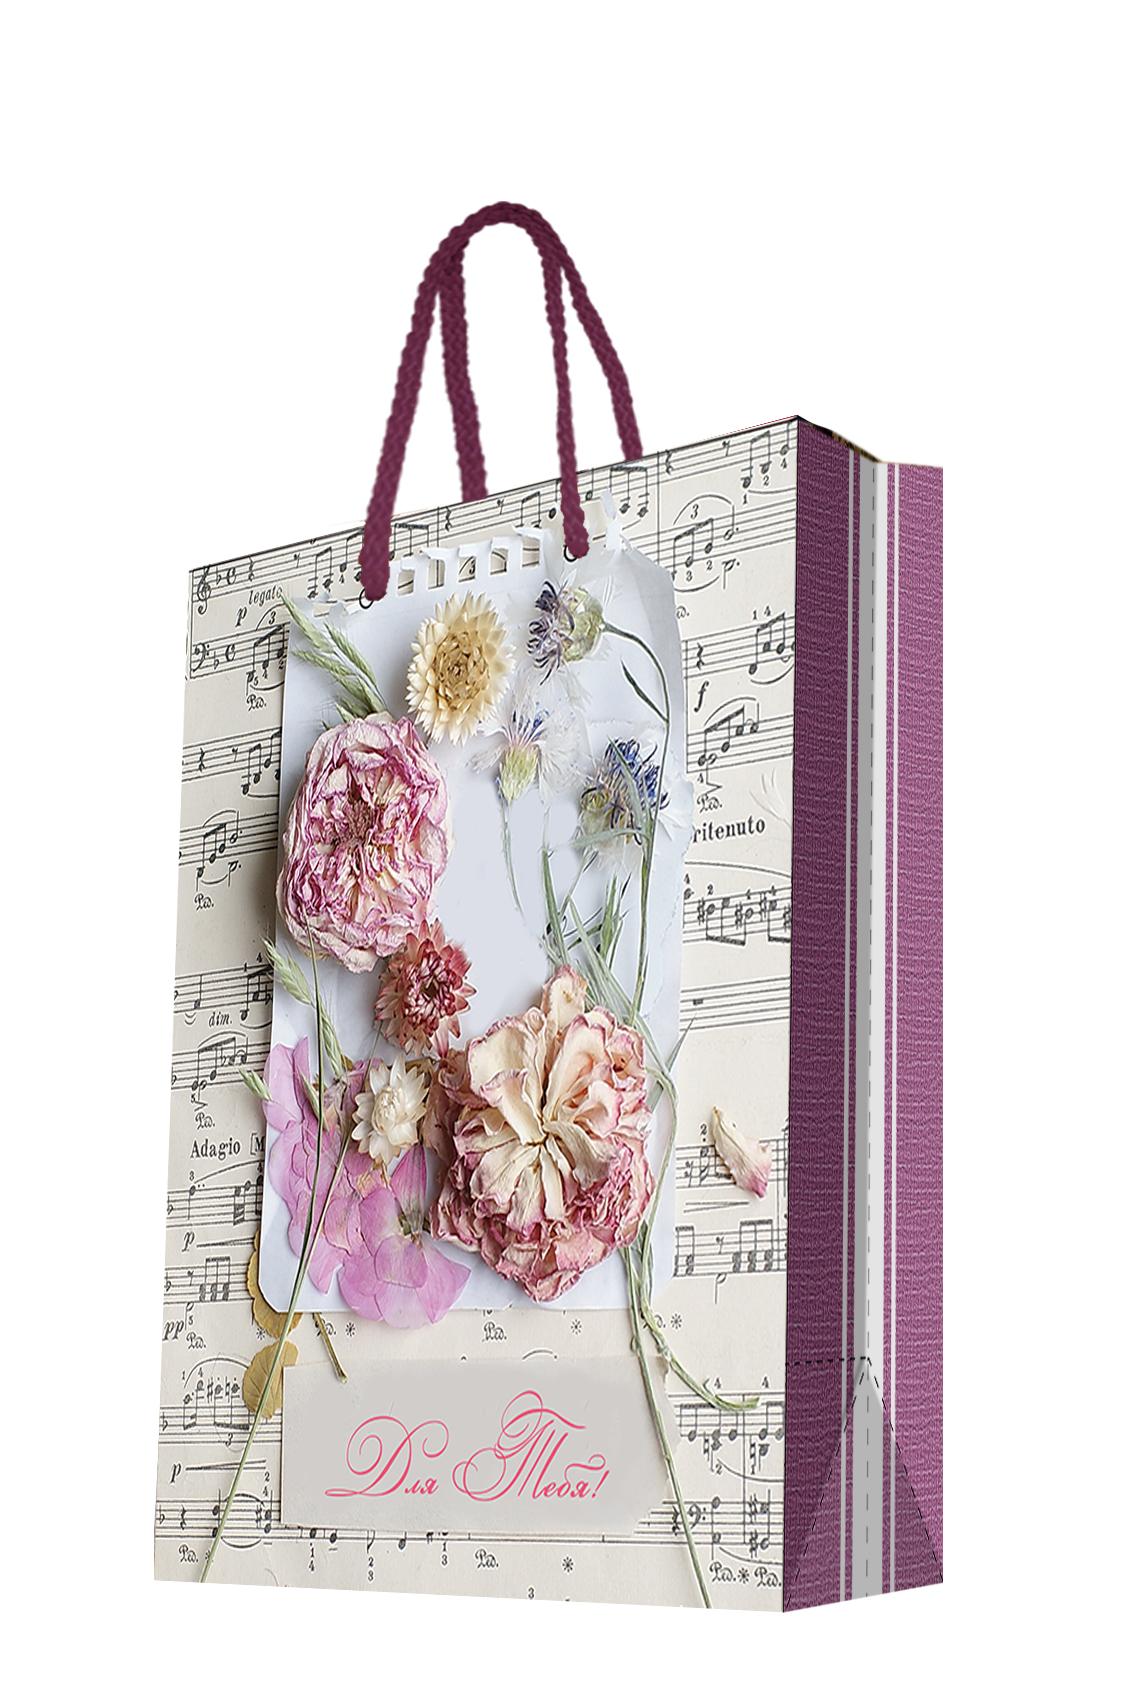 Пакет подарочный Magic Home Ноты и цветы, 17,8 х 22,9 х 9,8 см44175Подарочный пакет Magic Home, изготовленный из плотной бумаги, станет незаменимым дополнением к выбранному подарку. Дно изделия укреплено картоном, который позволяет сохранить форму пакета и исключает возможность деформации дна под тяжестью подарка. Пакет выполнен с глянцевой ламинацией, что придает ему прочность, а изображению - яркость и насыщенность цветов. Для удобной переноски имеются две ручки в виде шнурков. Подарок, преподнесенный в оригинальной упаковке, всегда будет самым эффектным и запоминающимся. Окружите близких людей вниманием и заботой, вручив презент в нарядном, праздничном оформлении. Плотность бумаги: 140 г/м2.